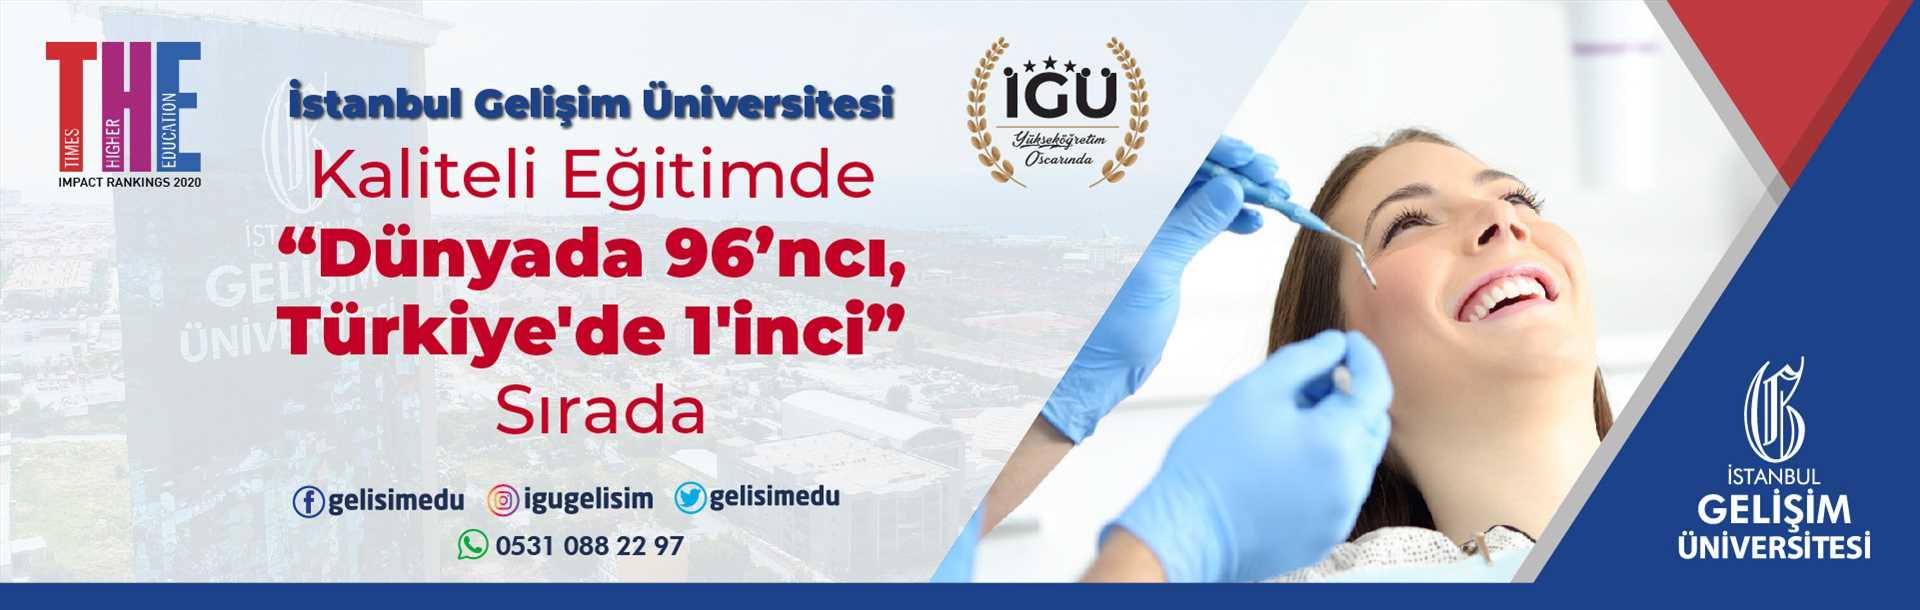 Diş Hekimliği Fakültesi - The Fakültesi - İstanbul Gelişim Üniversitesi